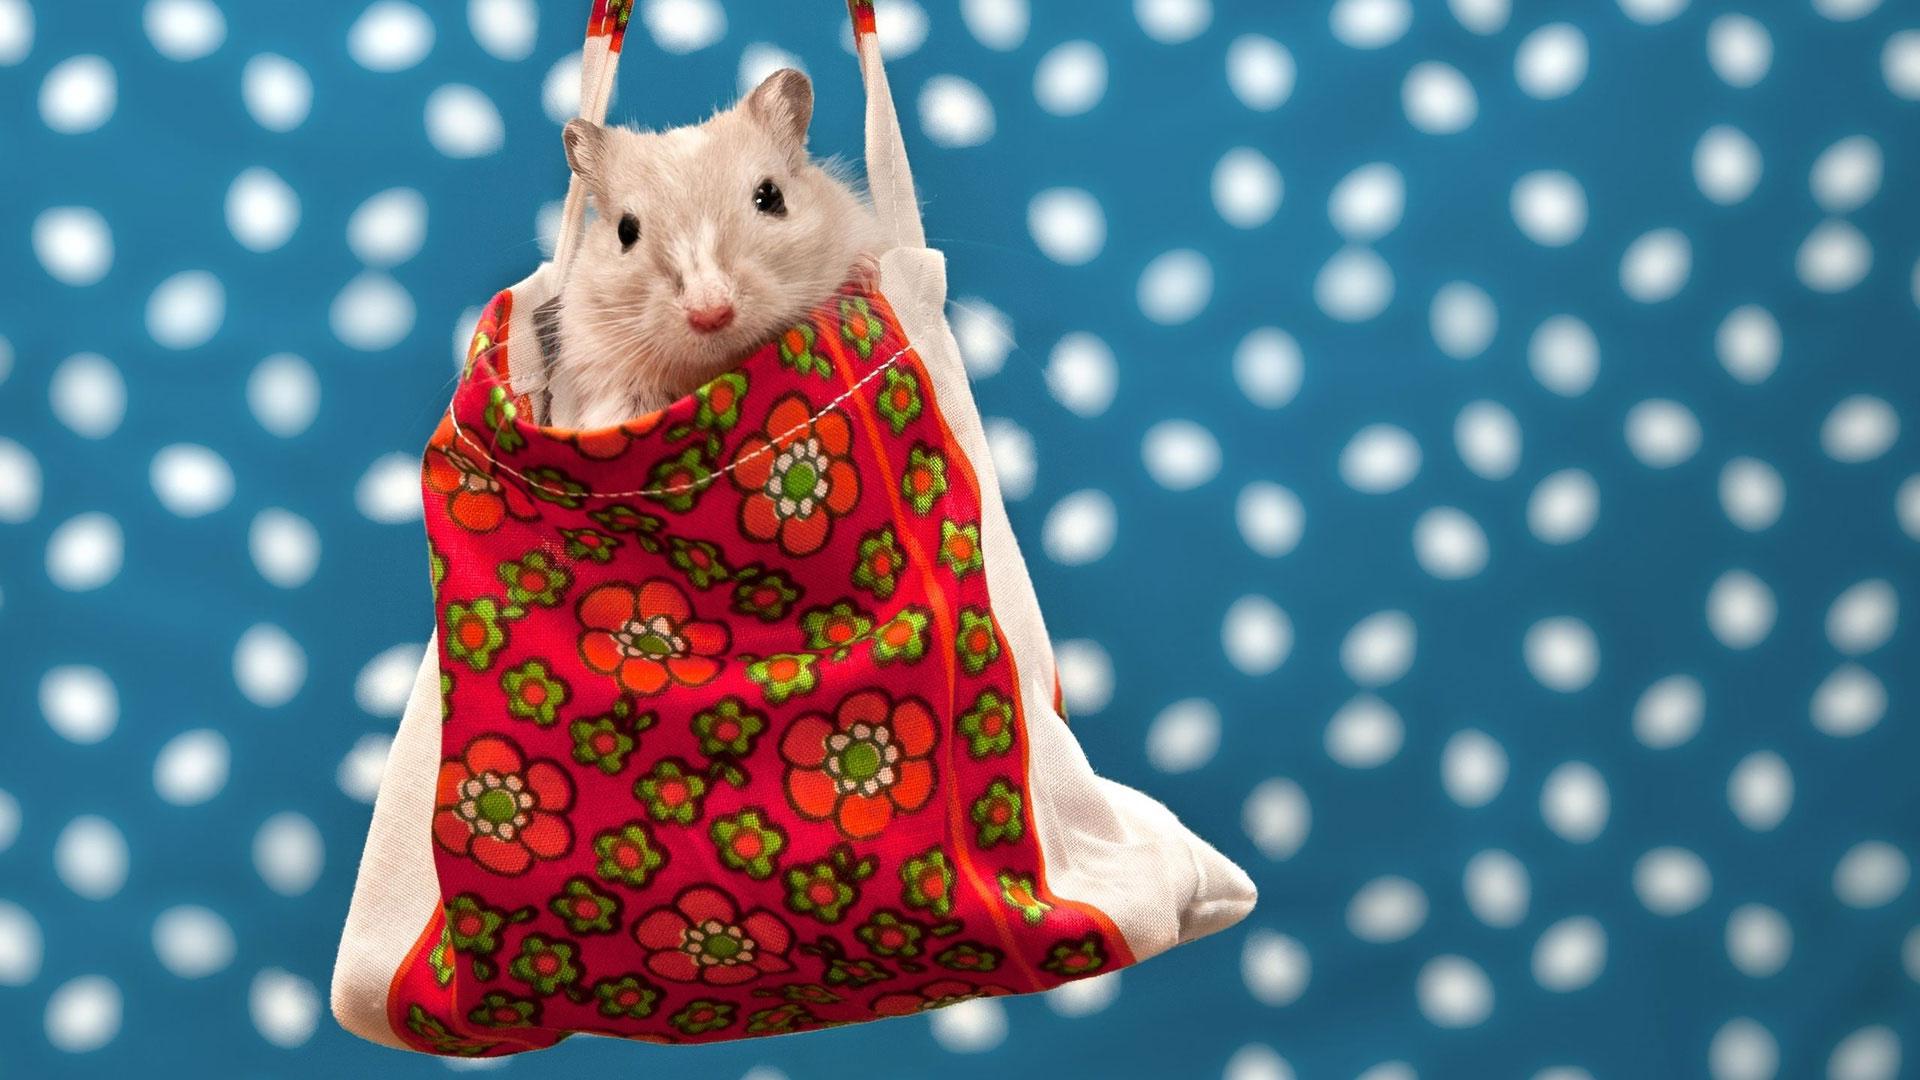 Новогодние картинки с символом 2020 года - Крысой